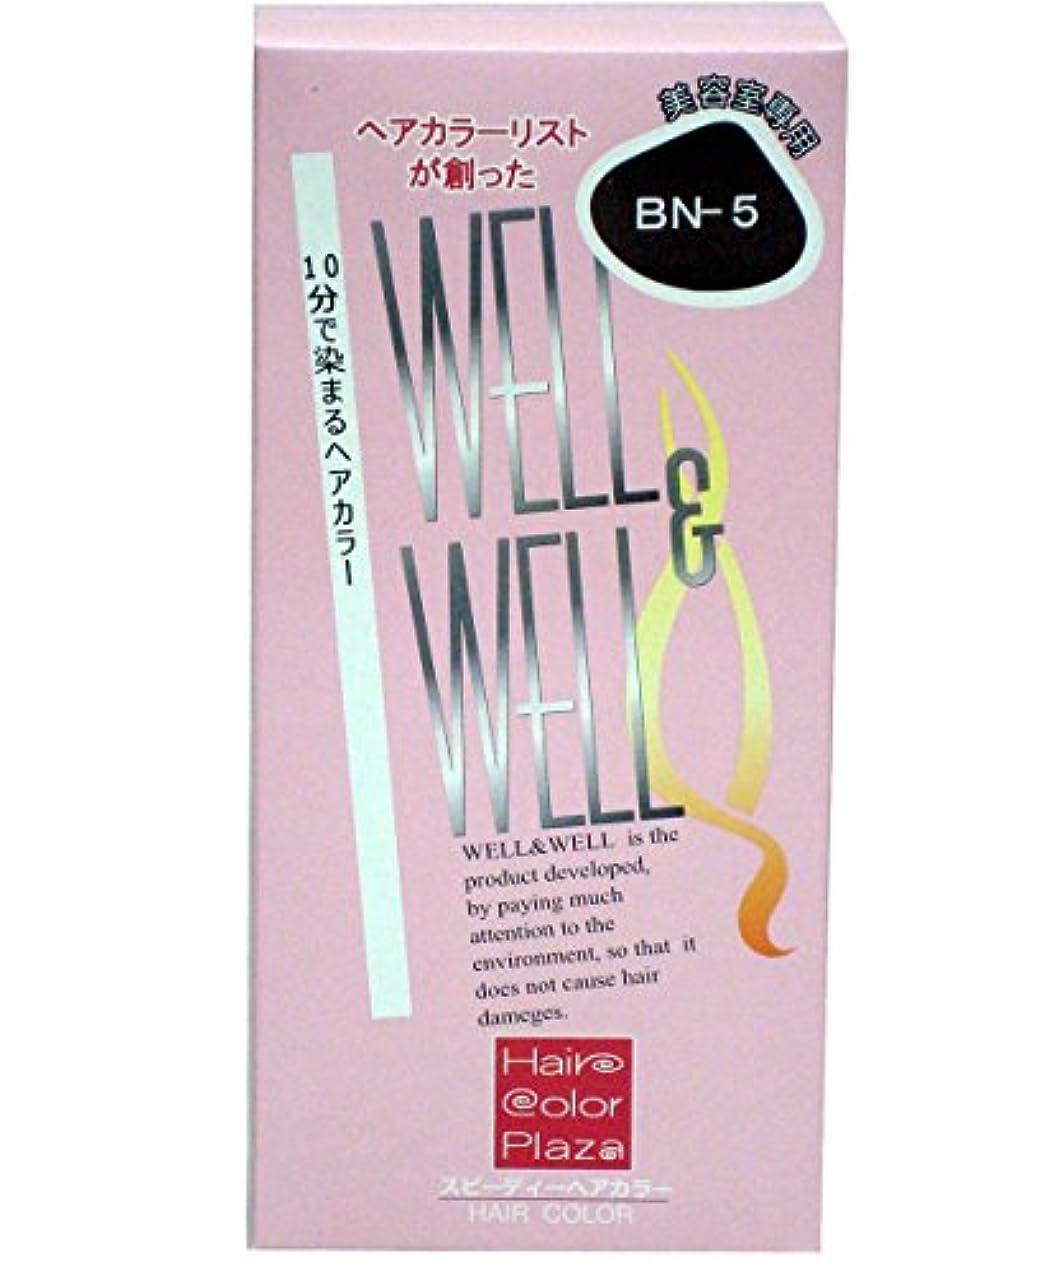 原子前任者おそらく【美容室専用】 ウェル&ウェル スピーディヘアカラー ナチュラルブラウン BN-5